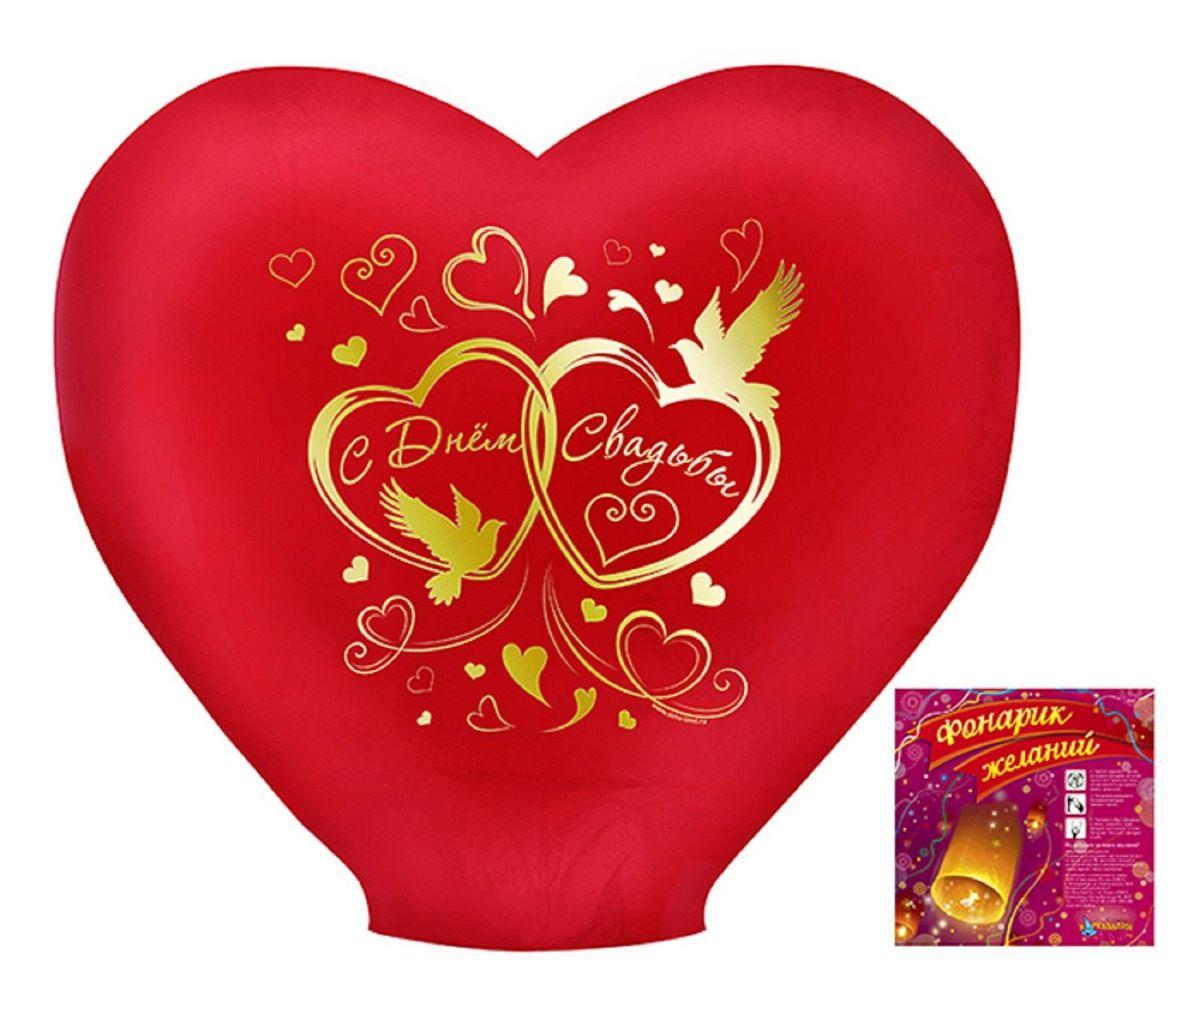 Фонарик бумажный Страна Карнавалия С днем свадьбы332551Свадьба - самый значительный момент в жизни молодой пары и волшебный сказочный праздник, к которому готовятся с особой тщательностью. И, конечно же, в финале, на фоне стремительно темнеющего неба, можно устроить, уже ставший традицией, запуск множества фонариков желаний несущих радость и счастье молодым. Небесный фонарик Страна Карнавалия С днем свадьбы - простой и изящный способ устроить фееричное завершение свадебного вечера.Фонарик устроен очень просто. Объёмная конструкция, сделанная из специальной экологически чистой бумаги, действует по принципу воздушного шара. Надежно закрепленная в нижней части бумажного купола горелка разогревает воздух внутри фонарика, поднимает его вверх и эффектно подсвечивает изнутри, создавая таинственный ореол. Длительность полета составляет около 20 минут - за это время бумажный фонарик поднимается на высоту до 200 метров, и с земли вы сможете наблюдать сначала огненный шар, а потом яркую светящуюся точку, курсирующую по небу.